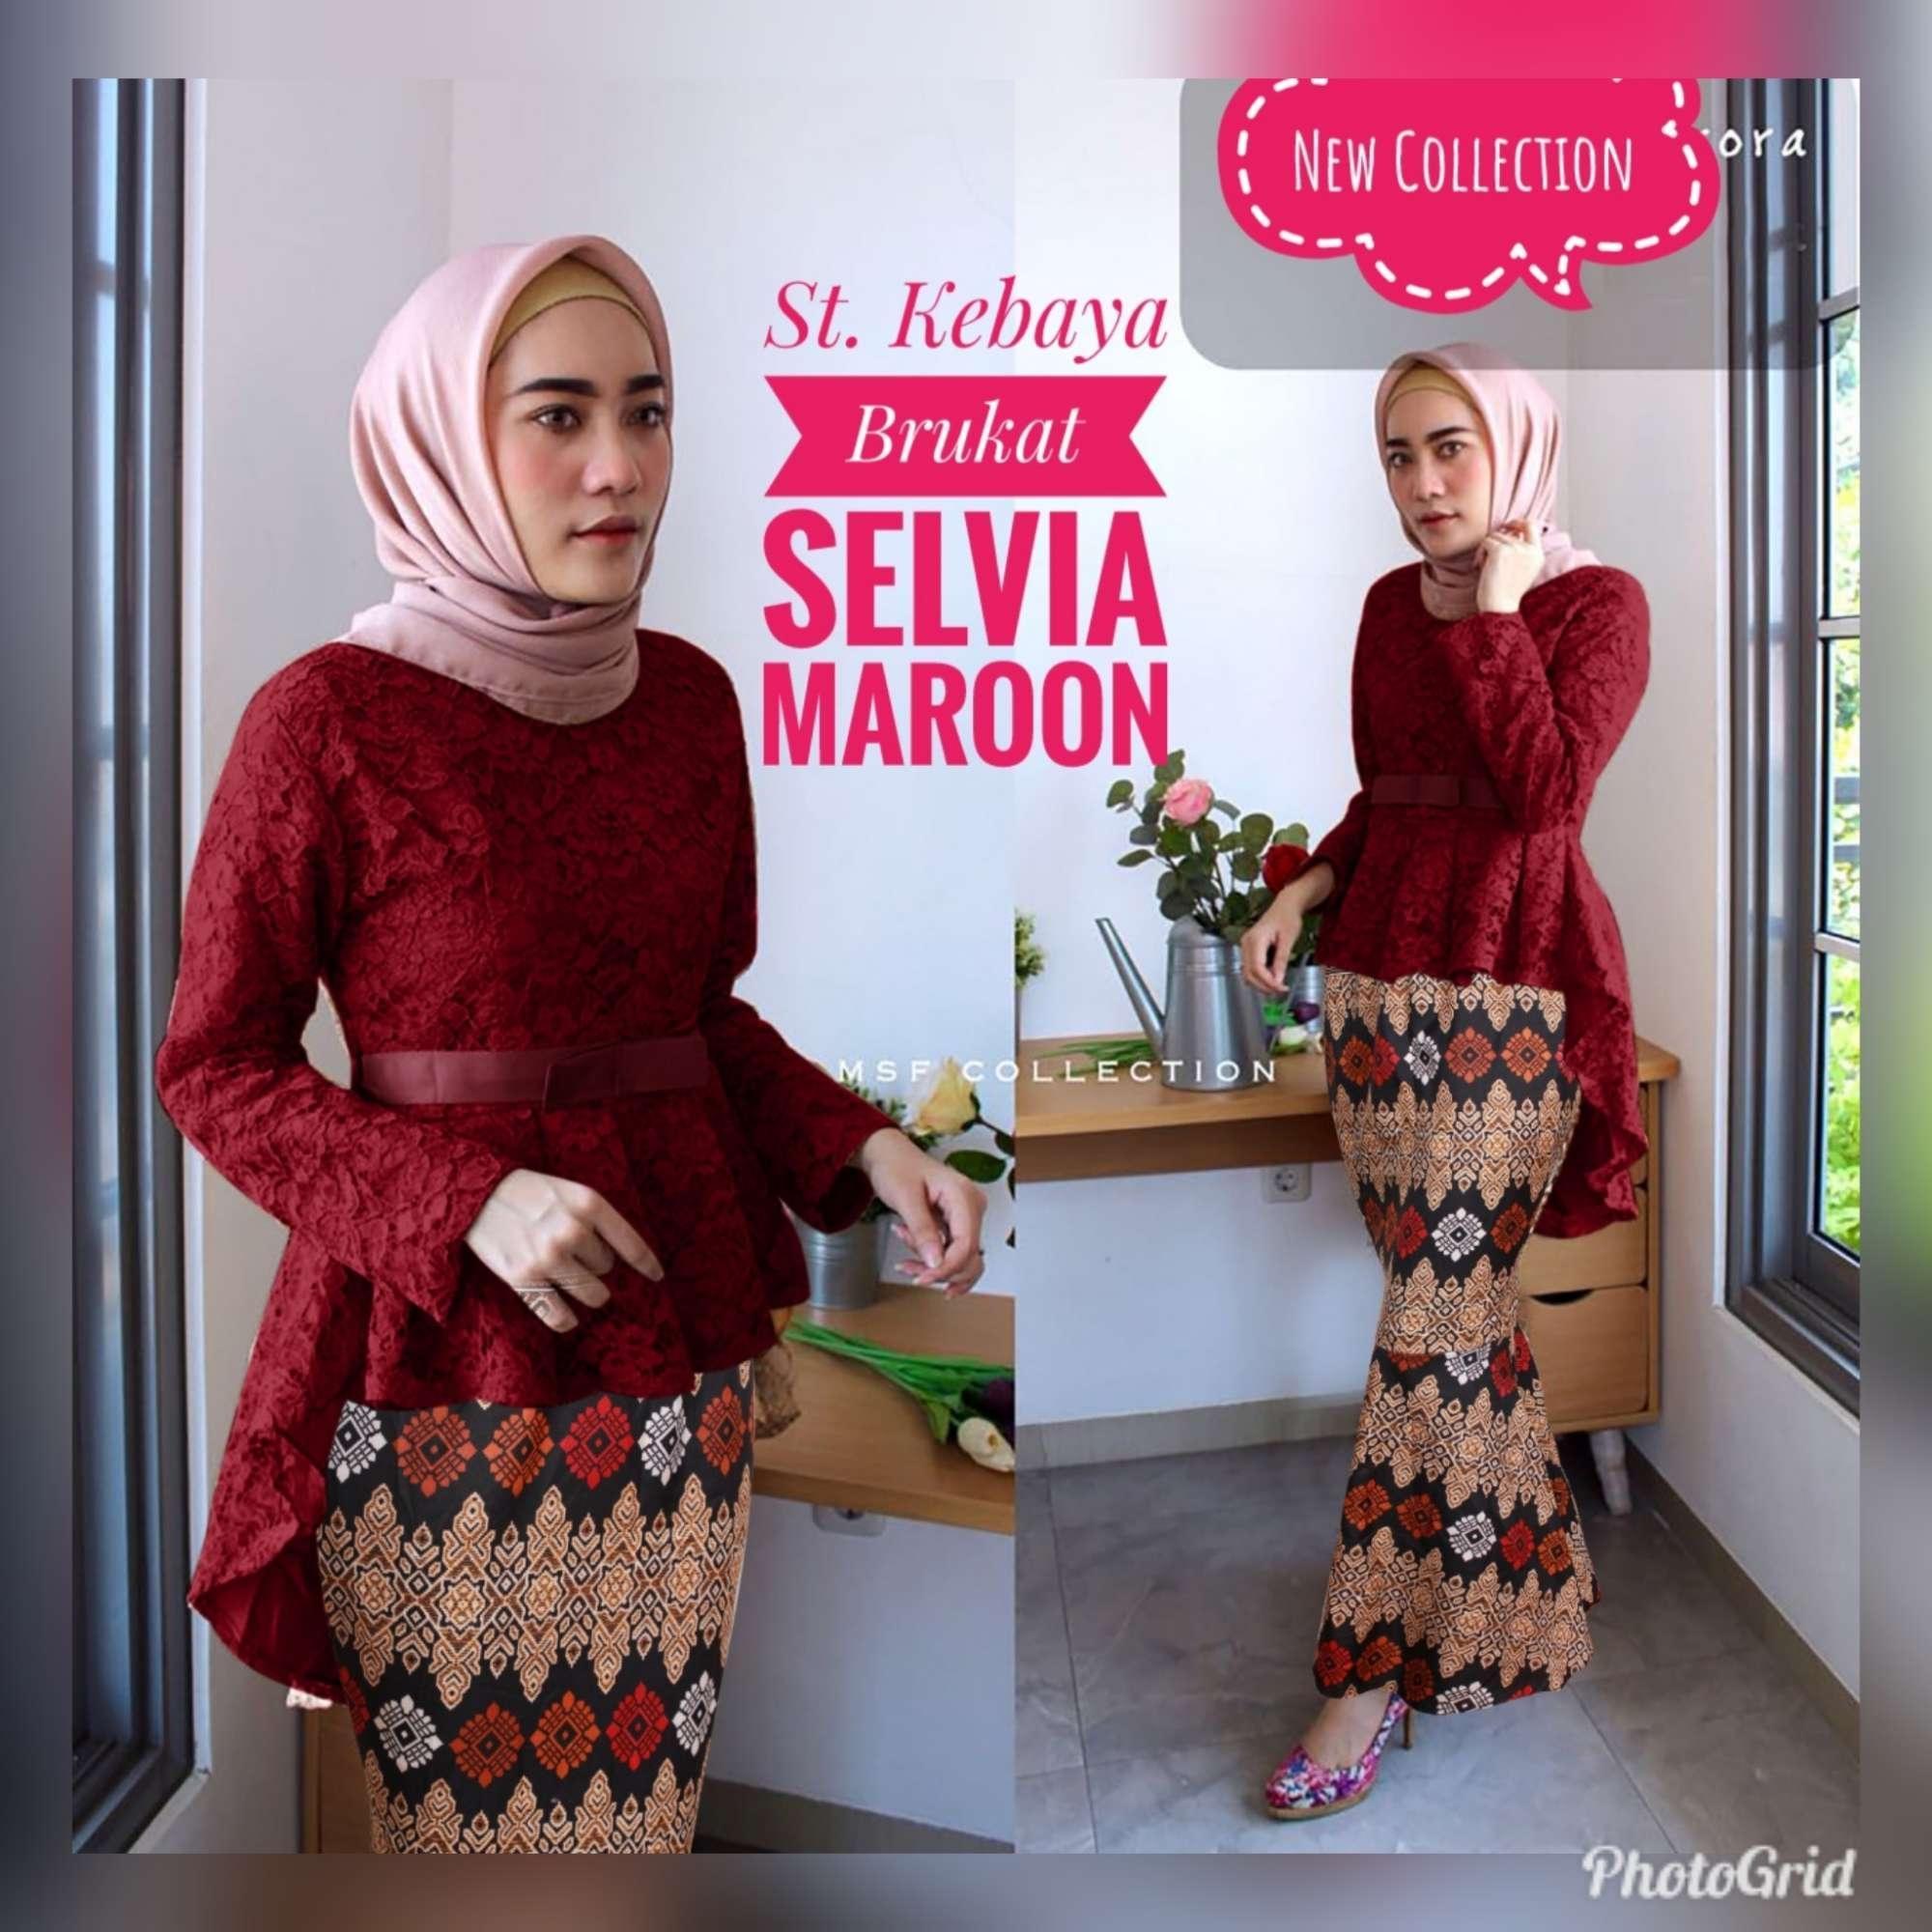 Kembar Kebaya Long Maxi Payet Pink Fanta Free Inner Spec Dan Baju Kekinian Dress Sauqina M Sw Wanita Rayon Stelan Moderen Serong Hijau Botol Page 5